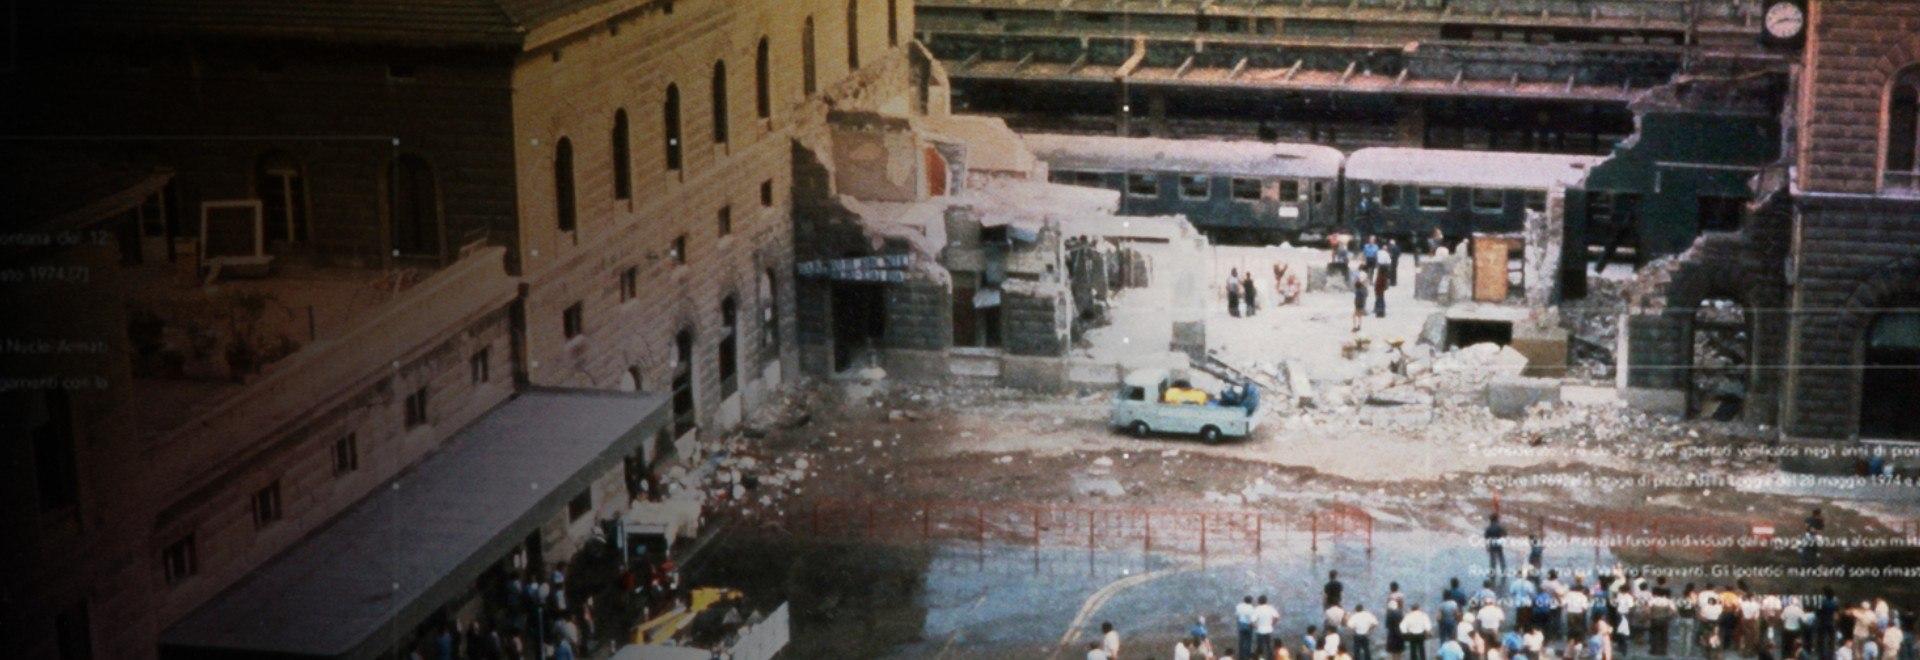 Bologna - La storia di una strage